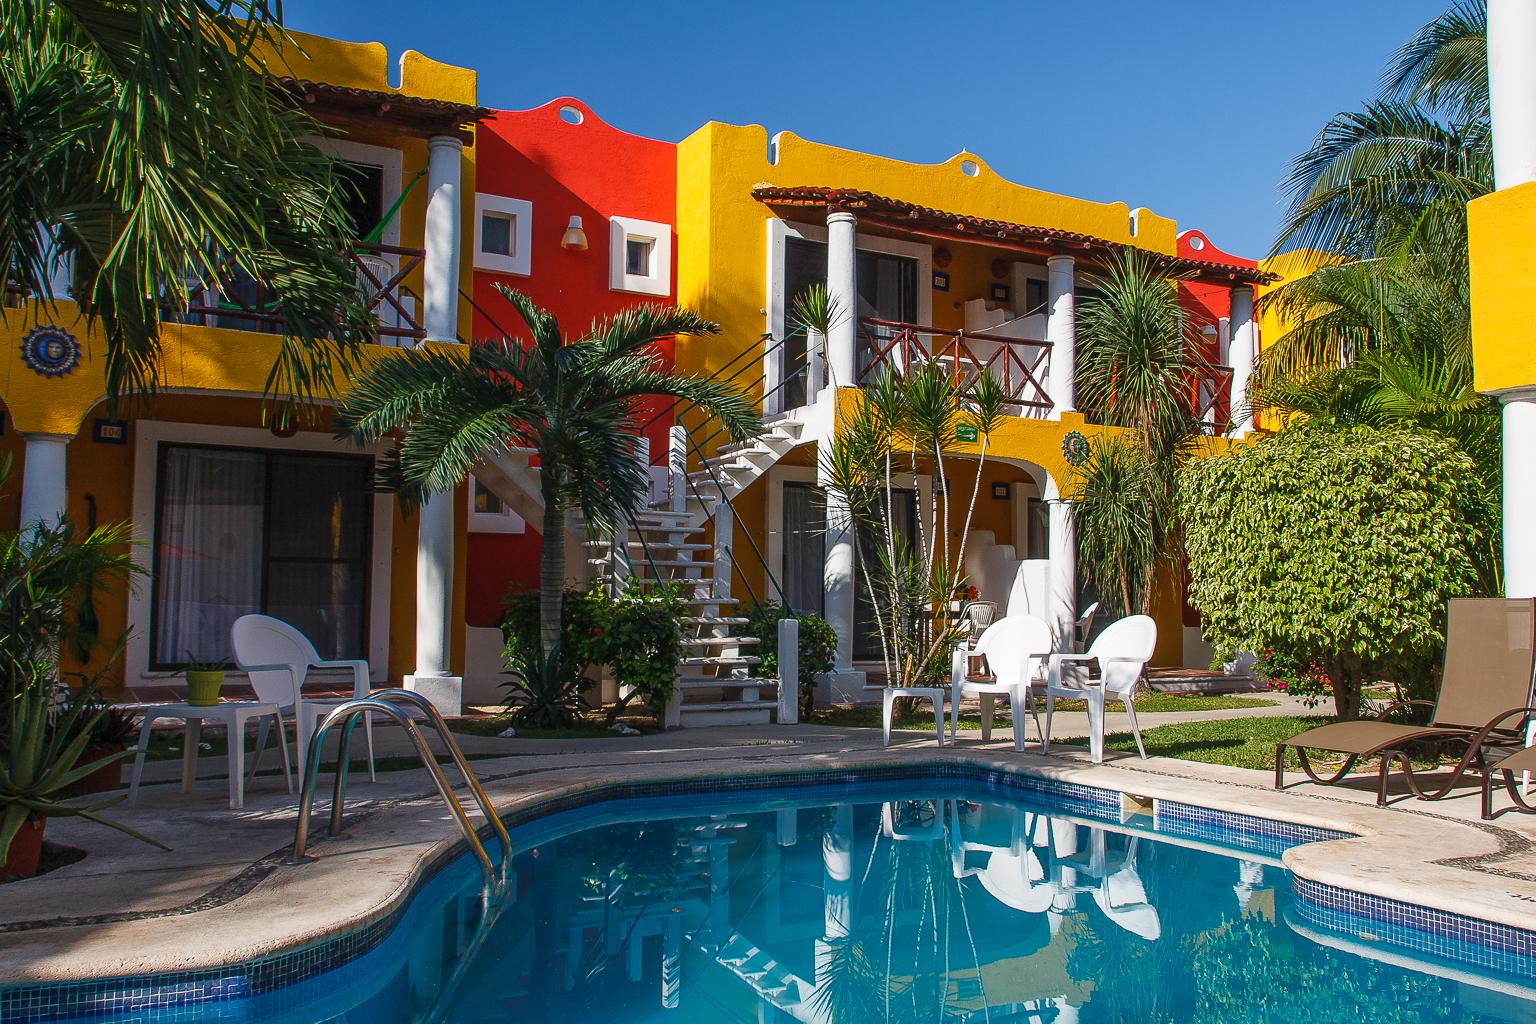 Hotel El Acuario - Playa del Carmen